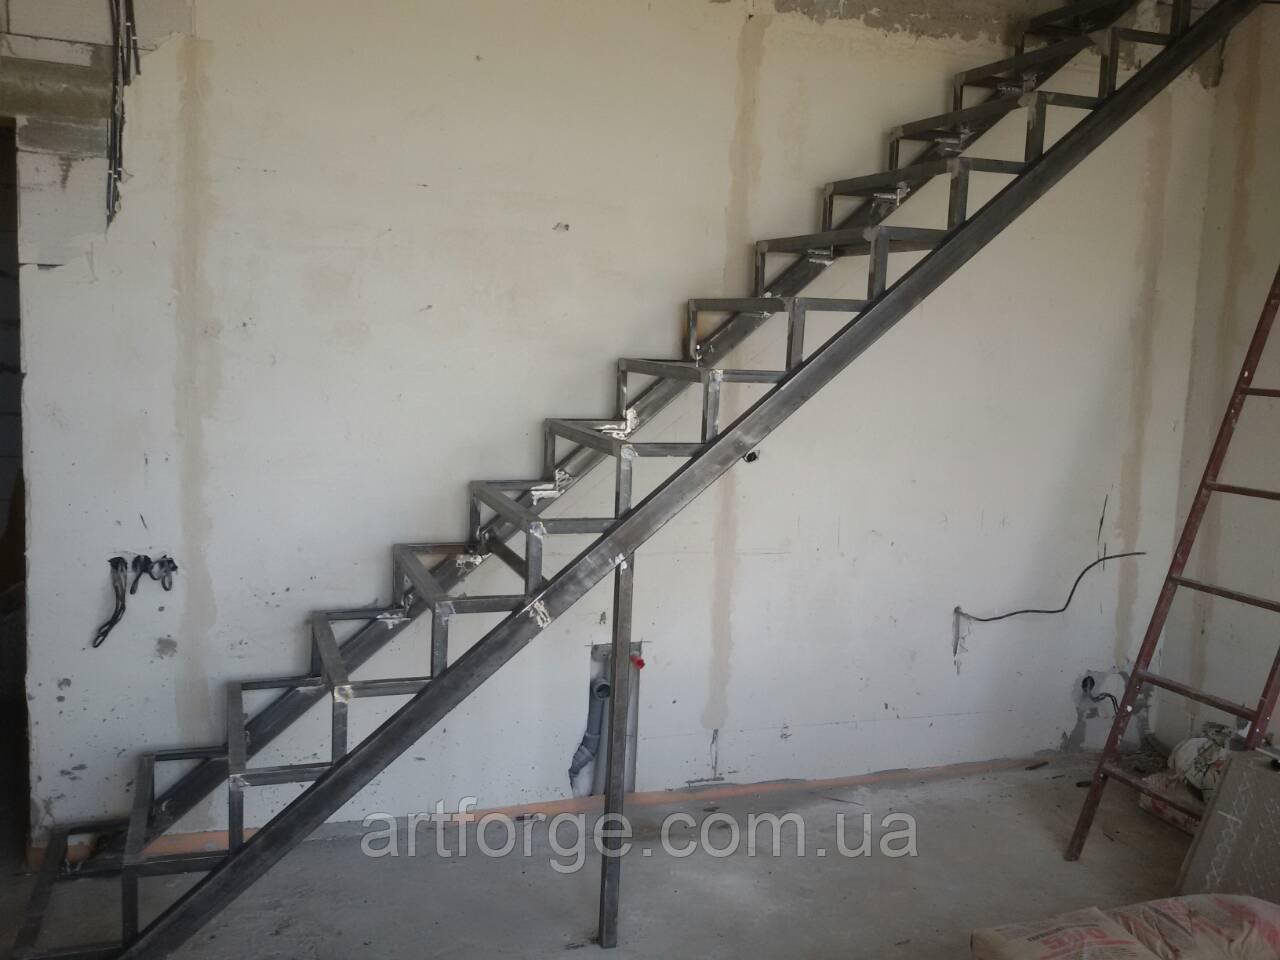 Каркас лестницы - прямой с площадкой